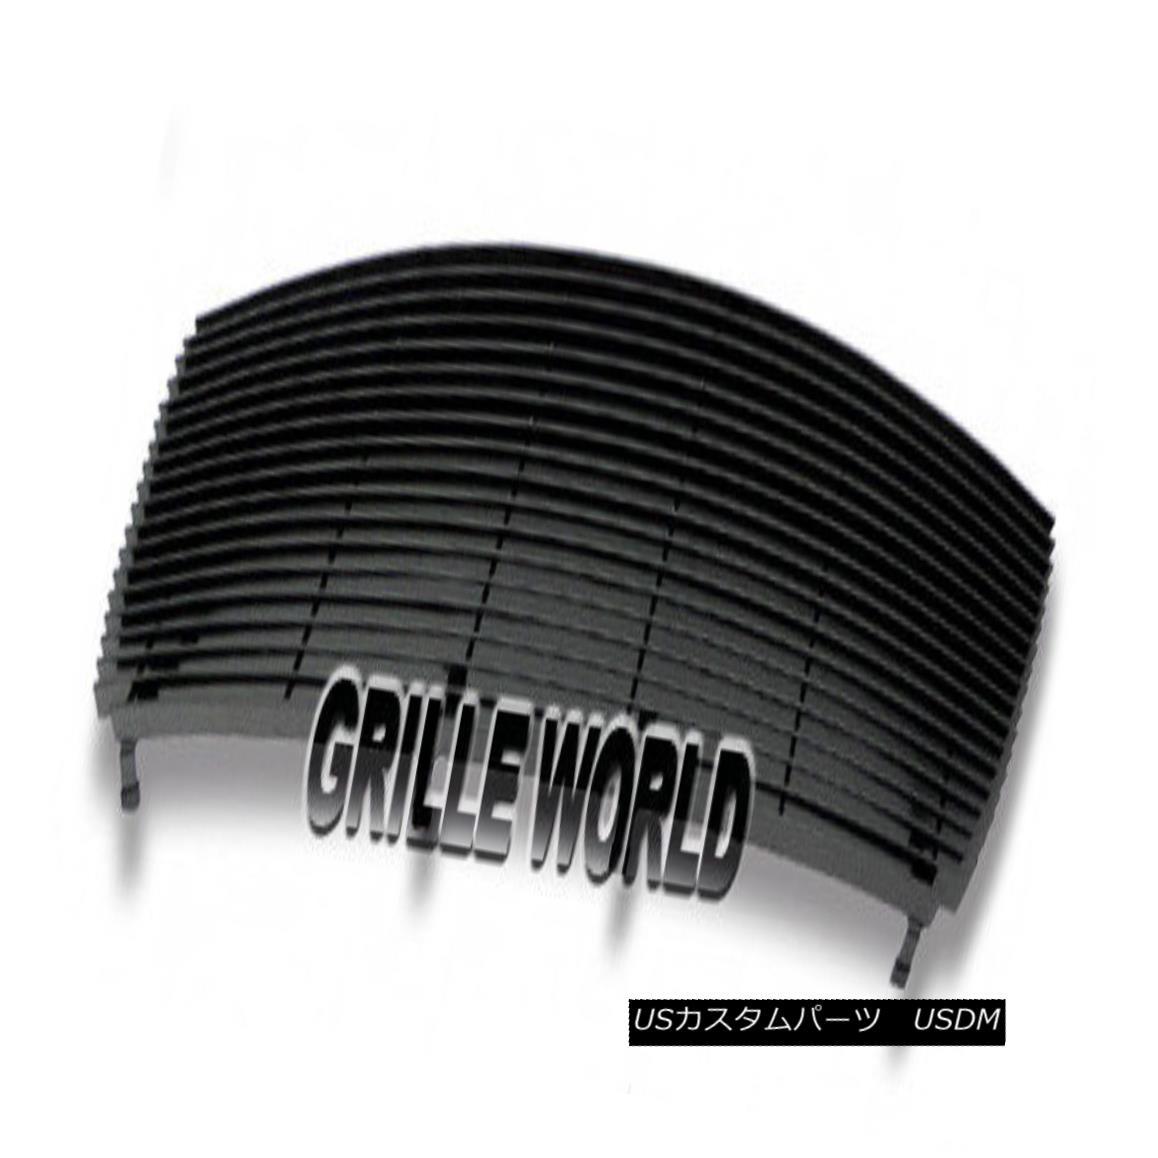 グリル For 2009-2012 Dodge Ram 1500 Black Billet Premium Grille Grill Insert 2010 2012 2009-2012ダッジラム1500ブラックビレットプレミアムグリルグリルインサート2010 2012